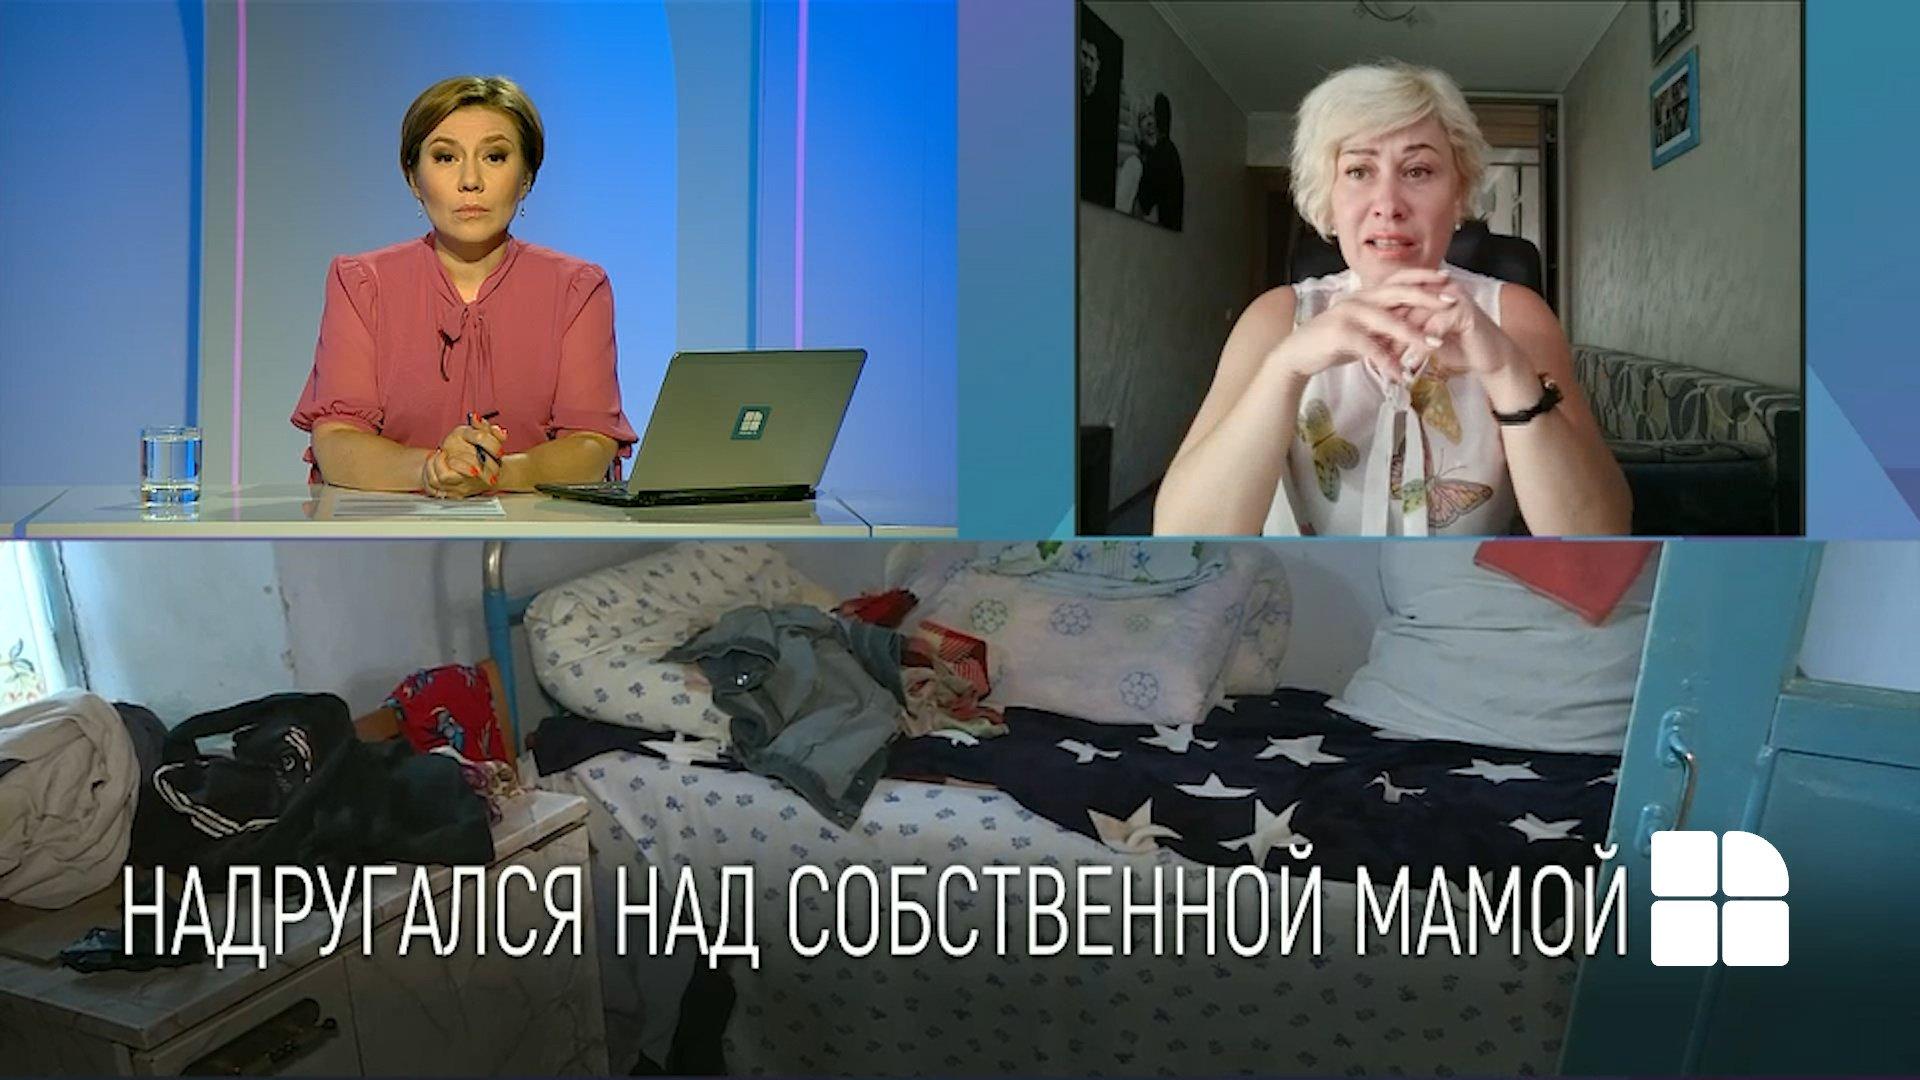 Лечение клаустрофобии - цены на лечение от боязни замкнутого пространства в москве - психотерапевтический центр дар